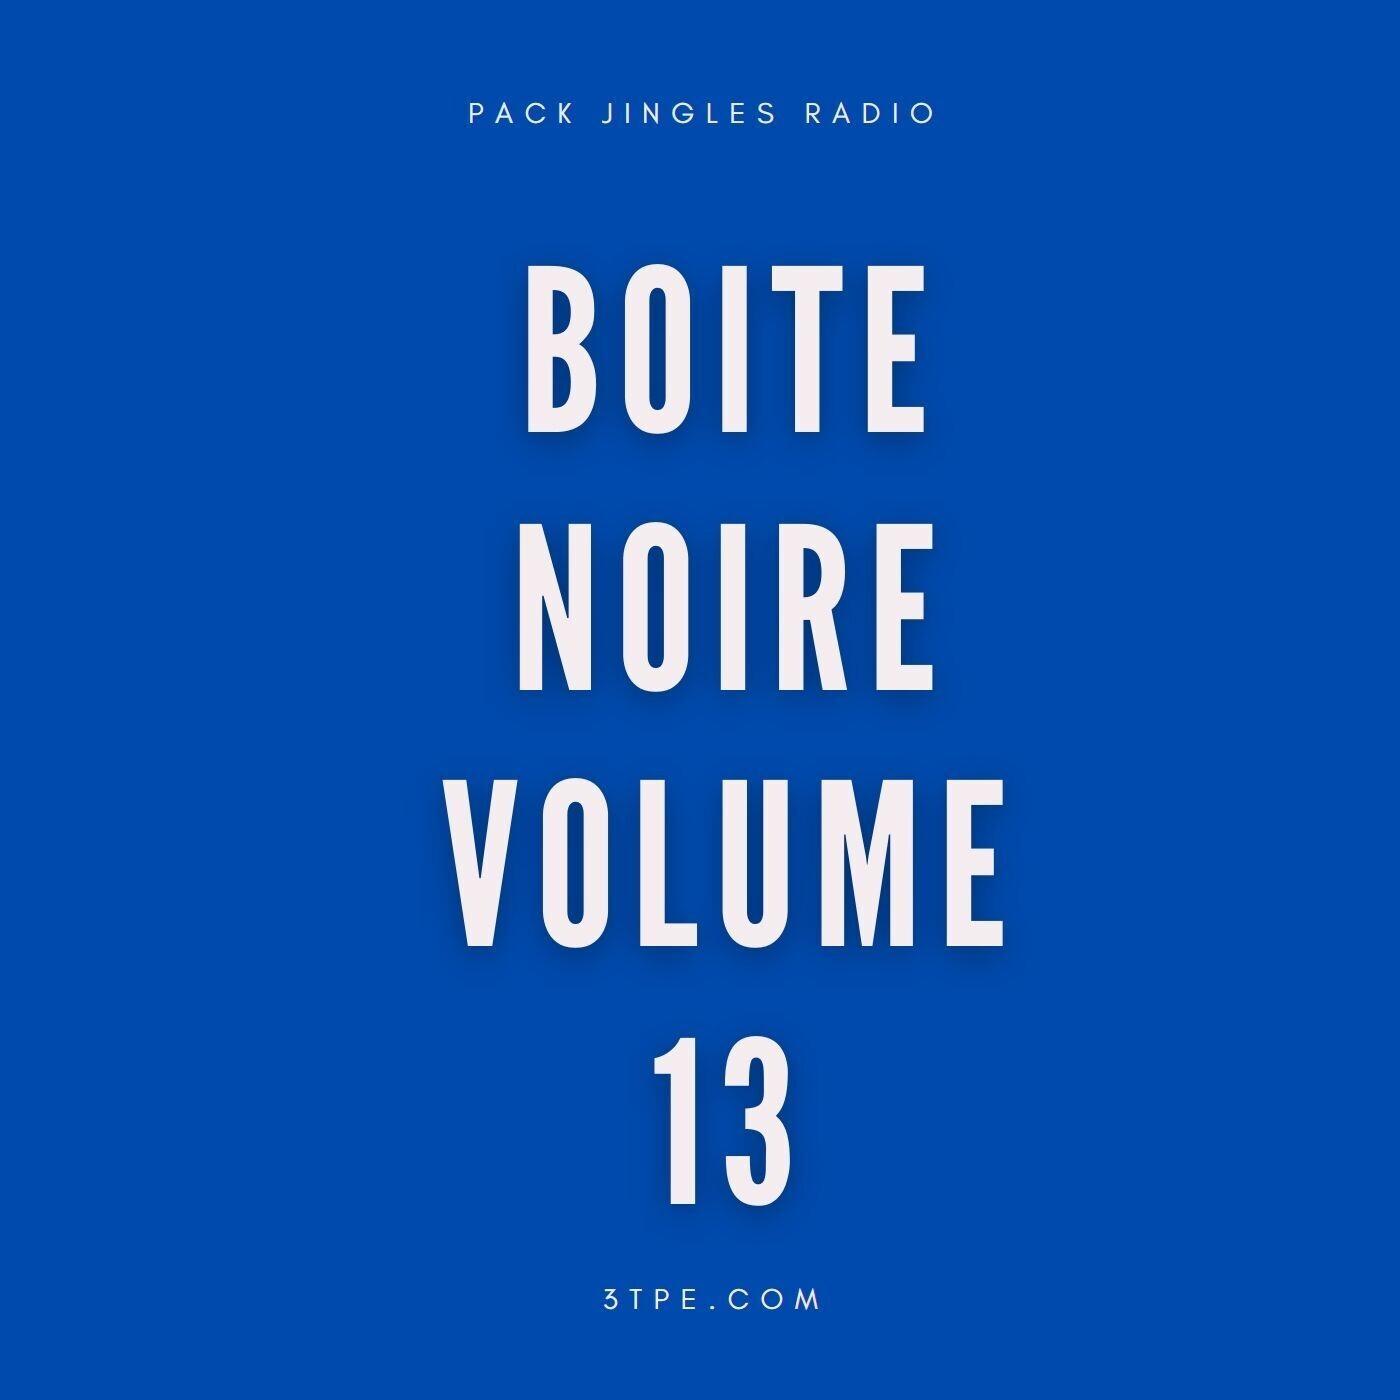 Pack jingles radio Boite noire numéro 13